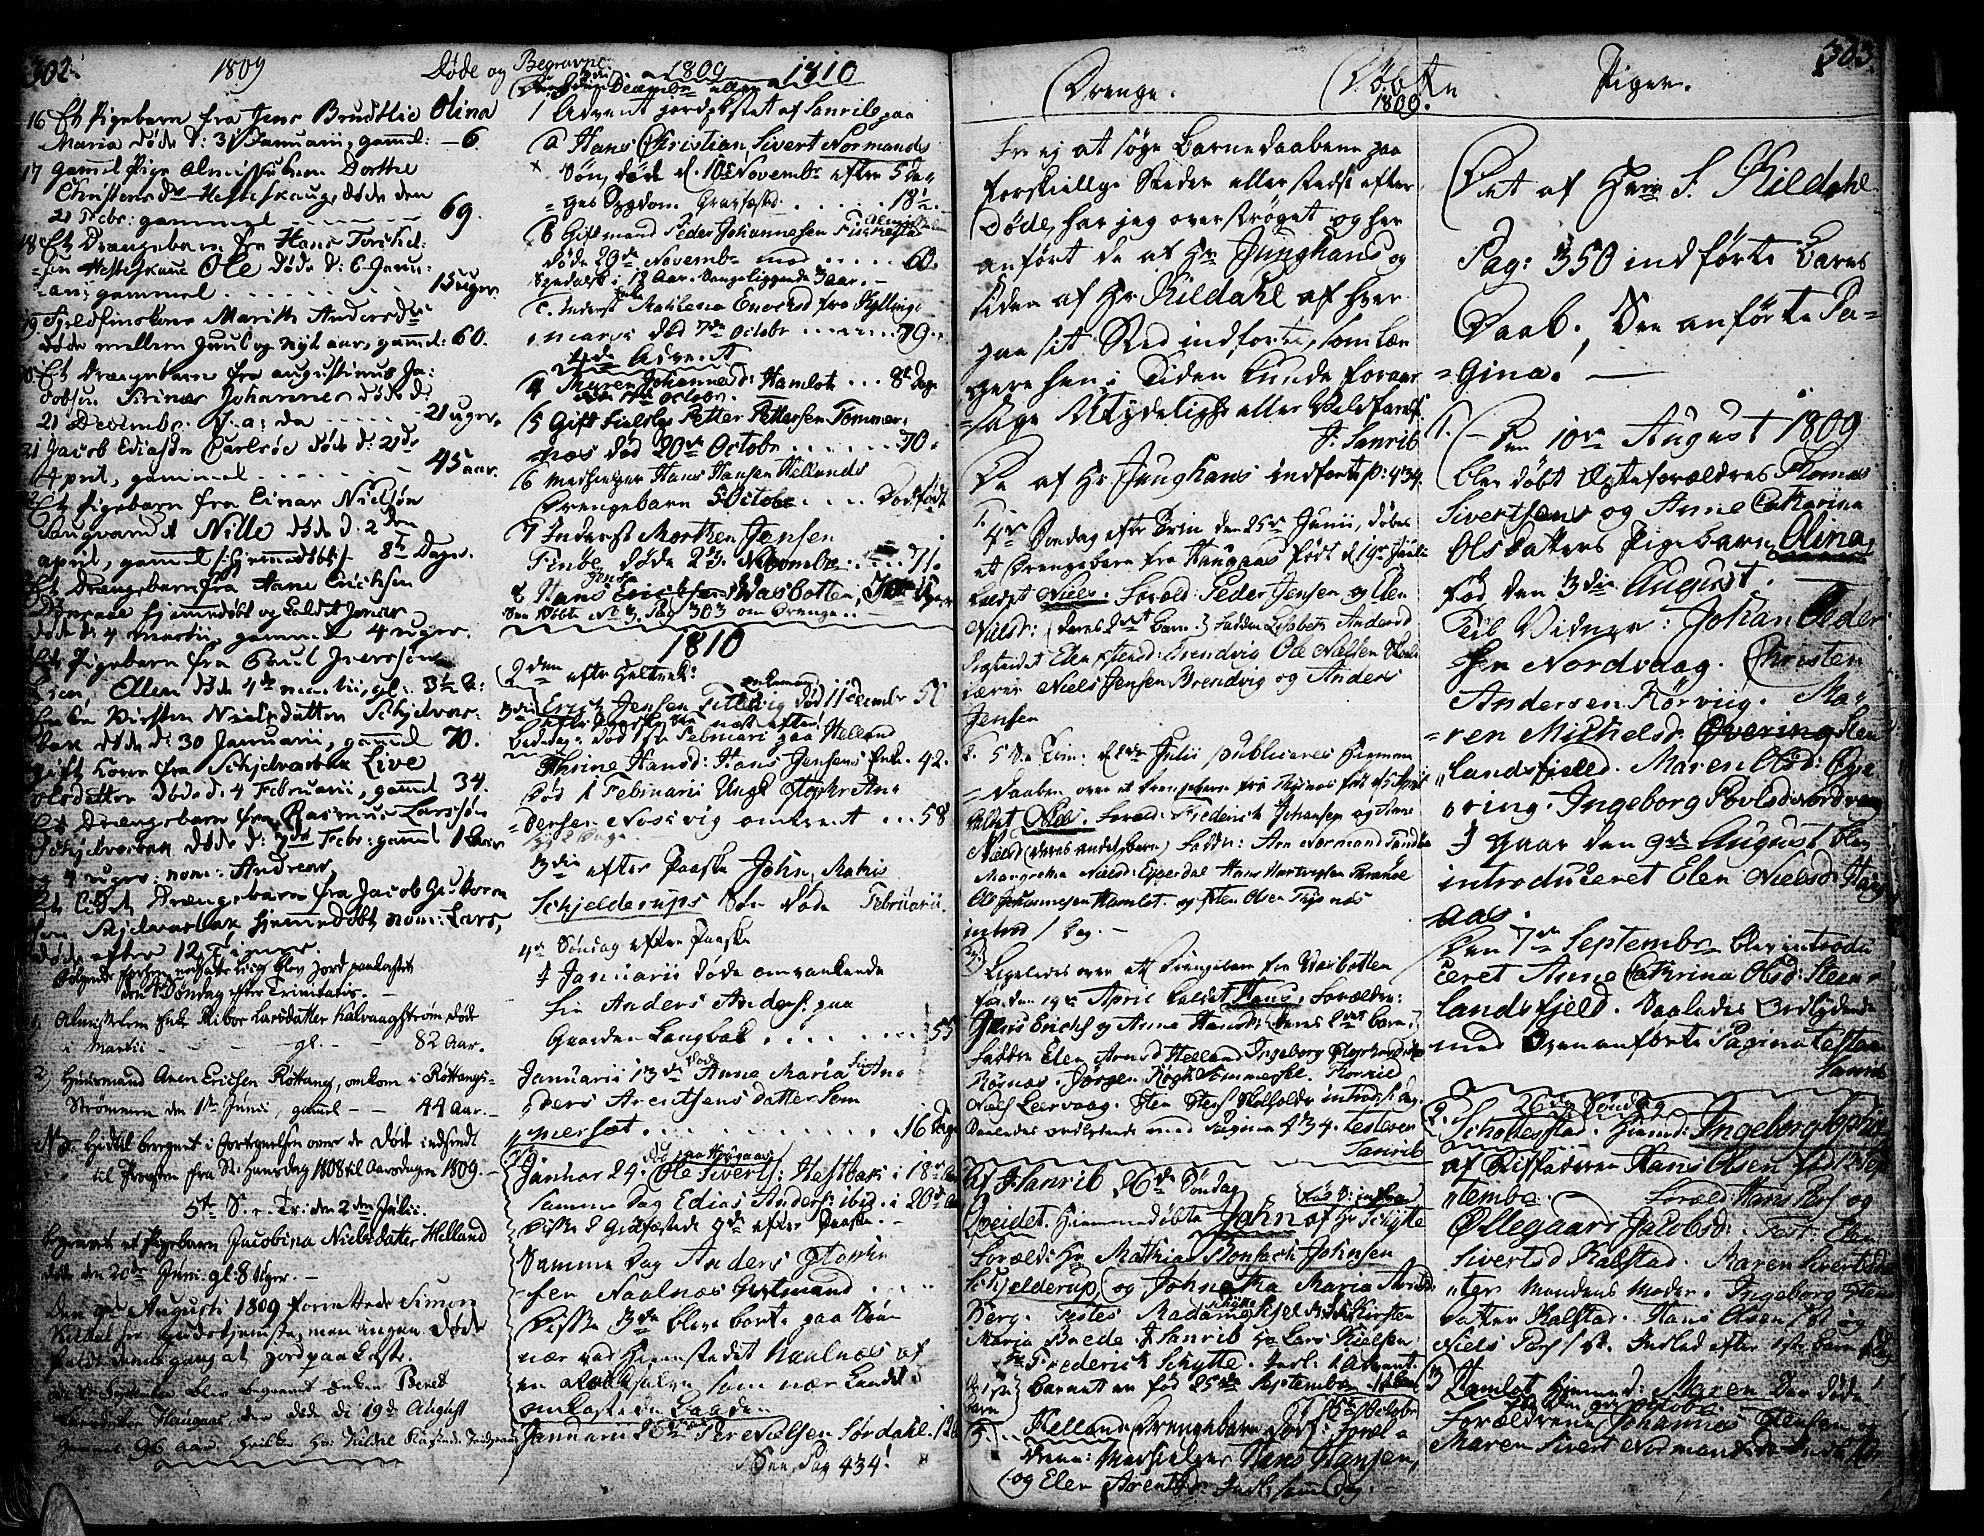 SAT, Ministerialprotokoller, klokkerbøker og fødselsregistre - Nordland, 859/L0841: Parish register (official) no. 859A01, 1766-1821, p. 302-303